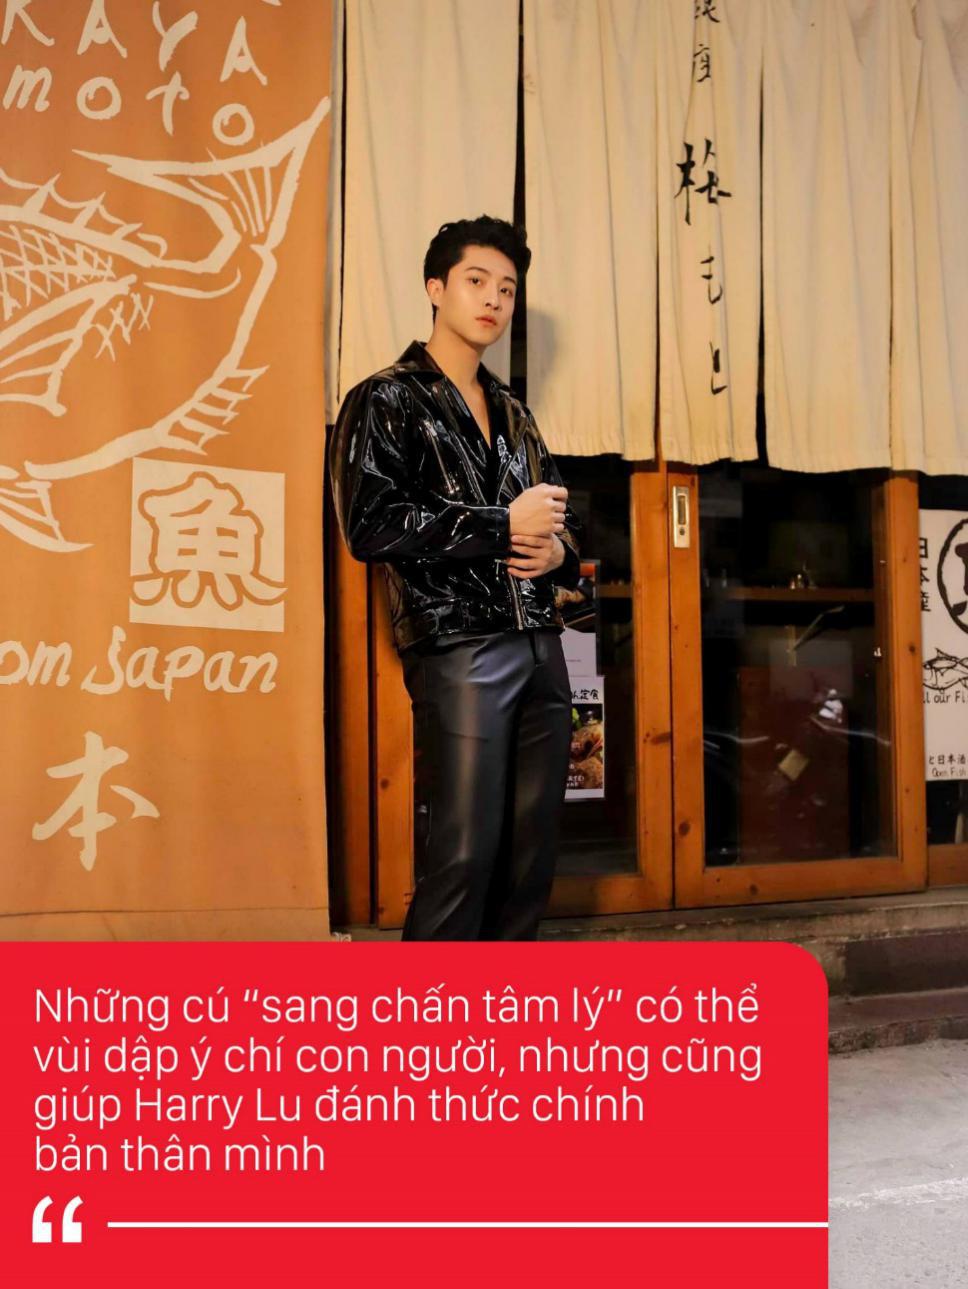 """Harry Lu: """"Dừng lại để quan tâm đúng và đủ cho sức khỏe, đừng """"bước hụt"""" trong lo âu như mình!"""" - Ảnh 2."""